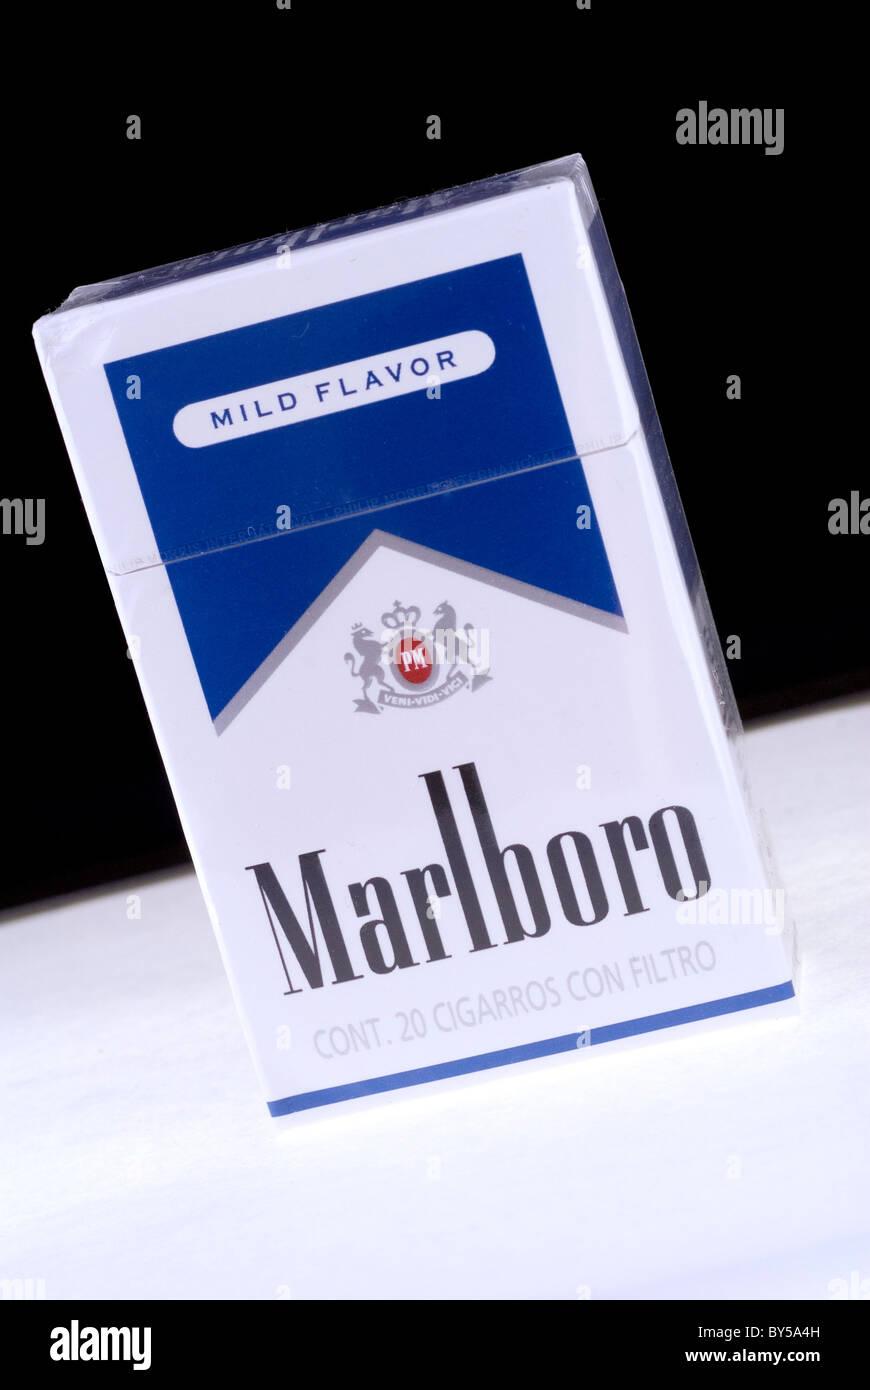 All cigarettes Marlboro brands sold in USA